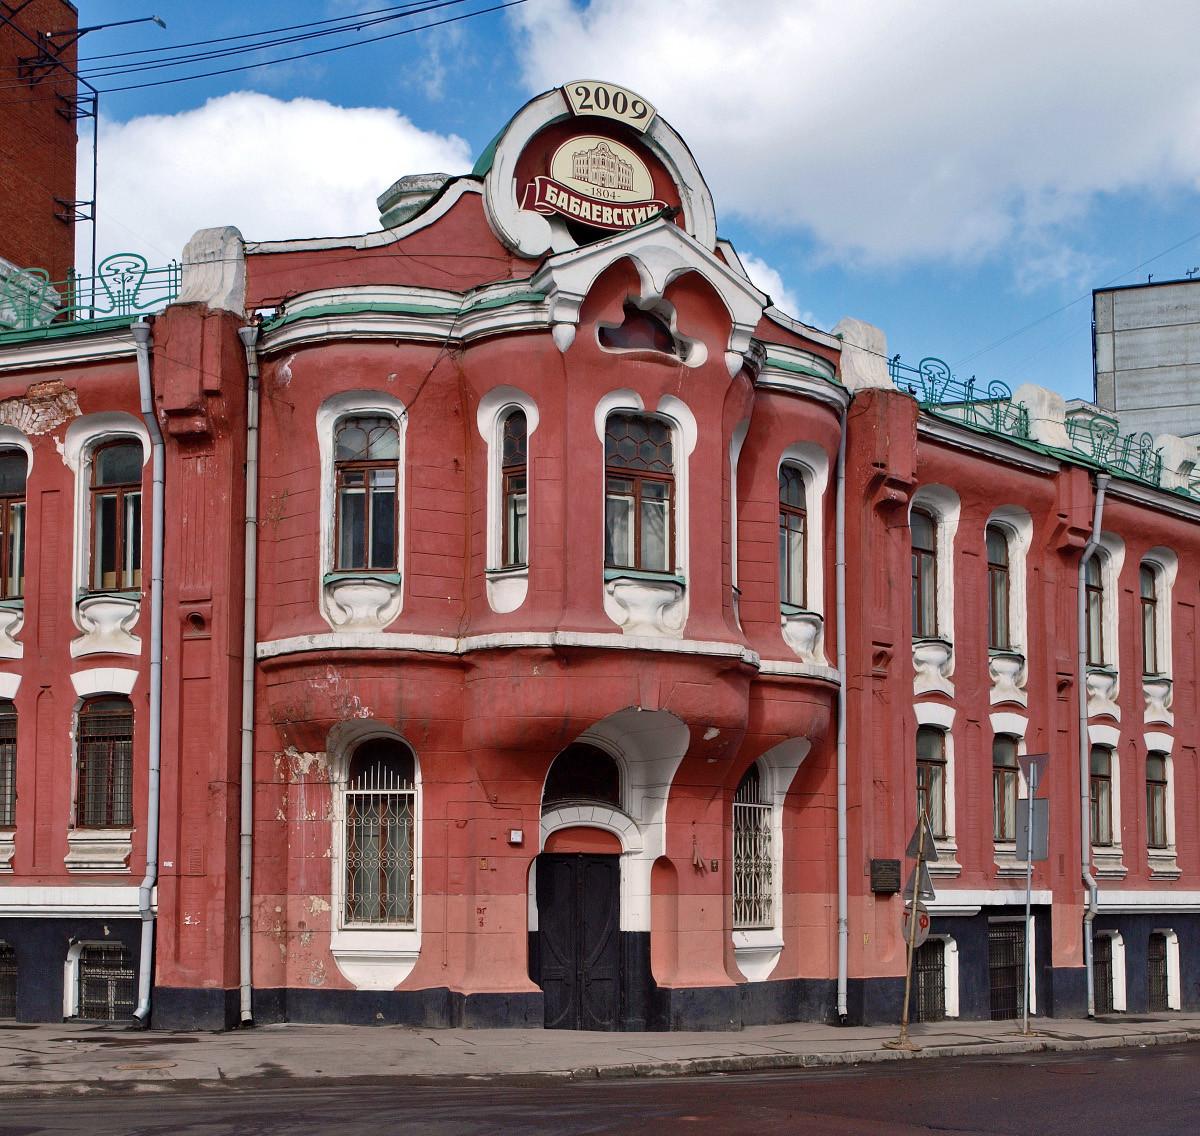 Mansão de vanguarda da fábrica de Abrikosov em Moscou foi construída pelo arquiteto Boris Shnaubert e hoje abriga a fábrica Babaev